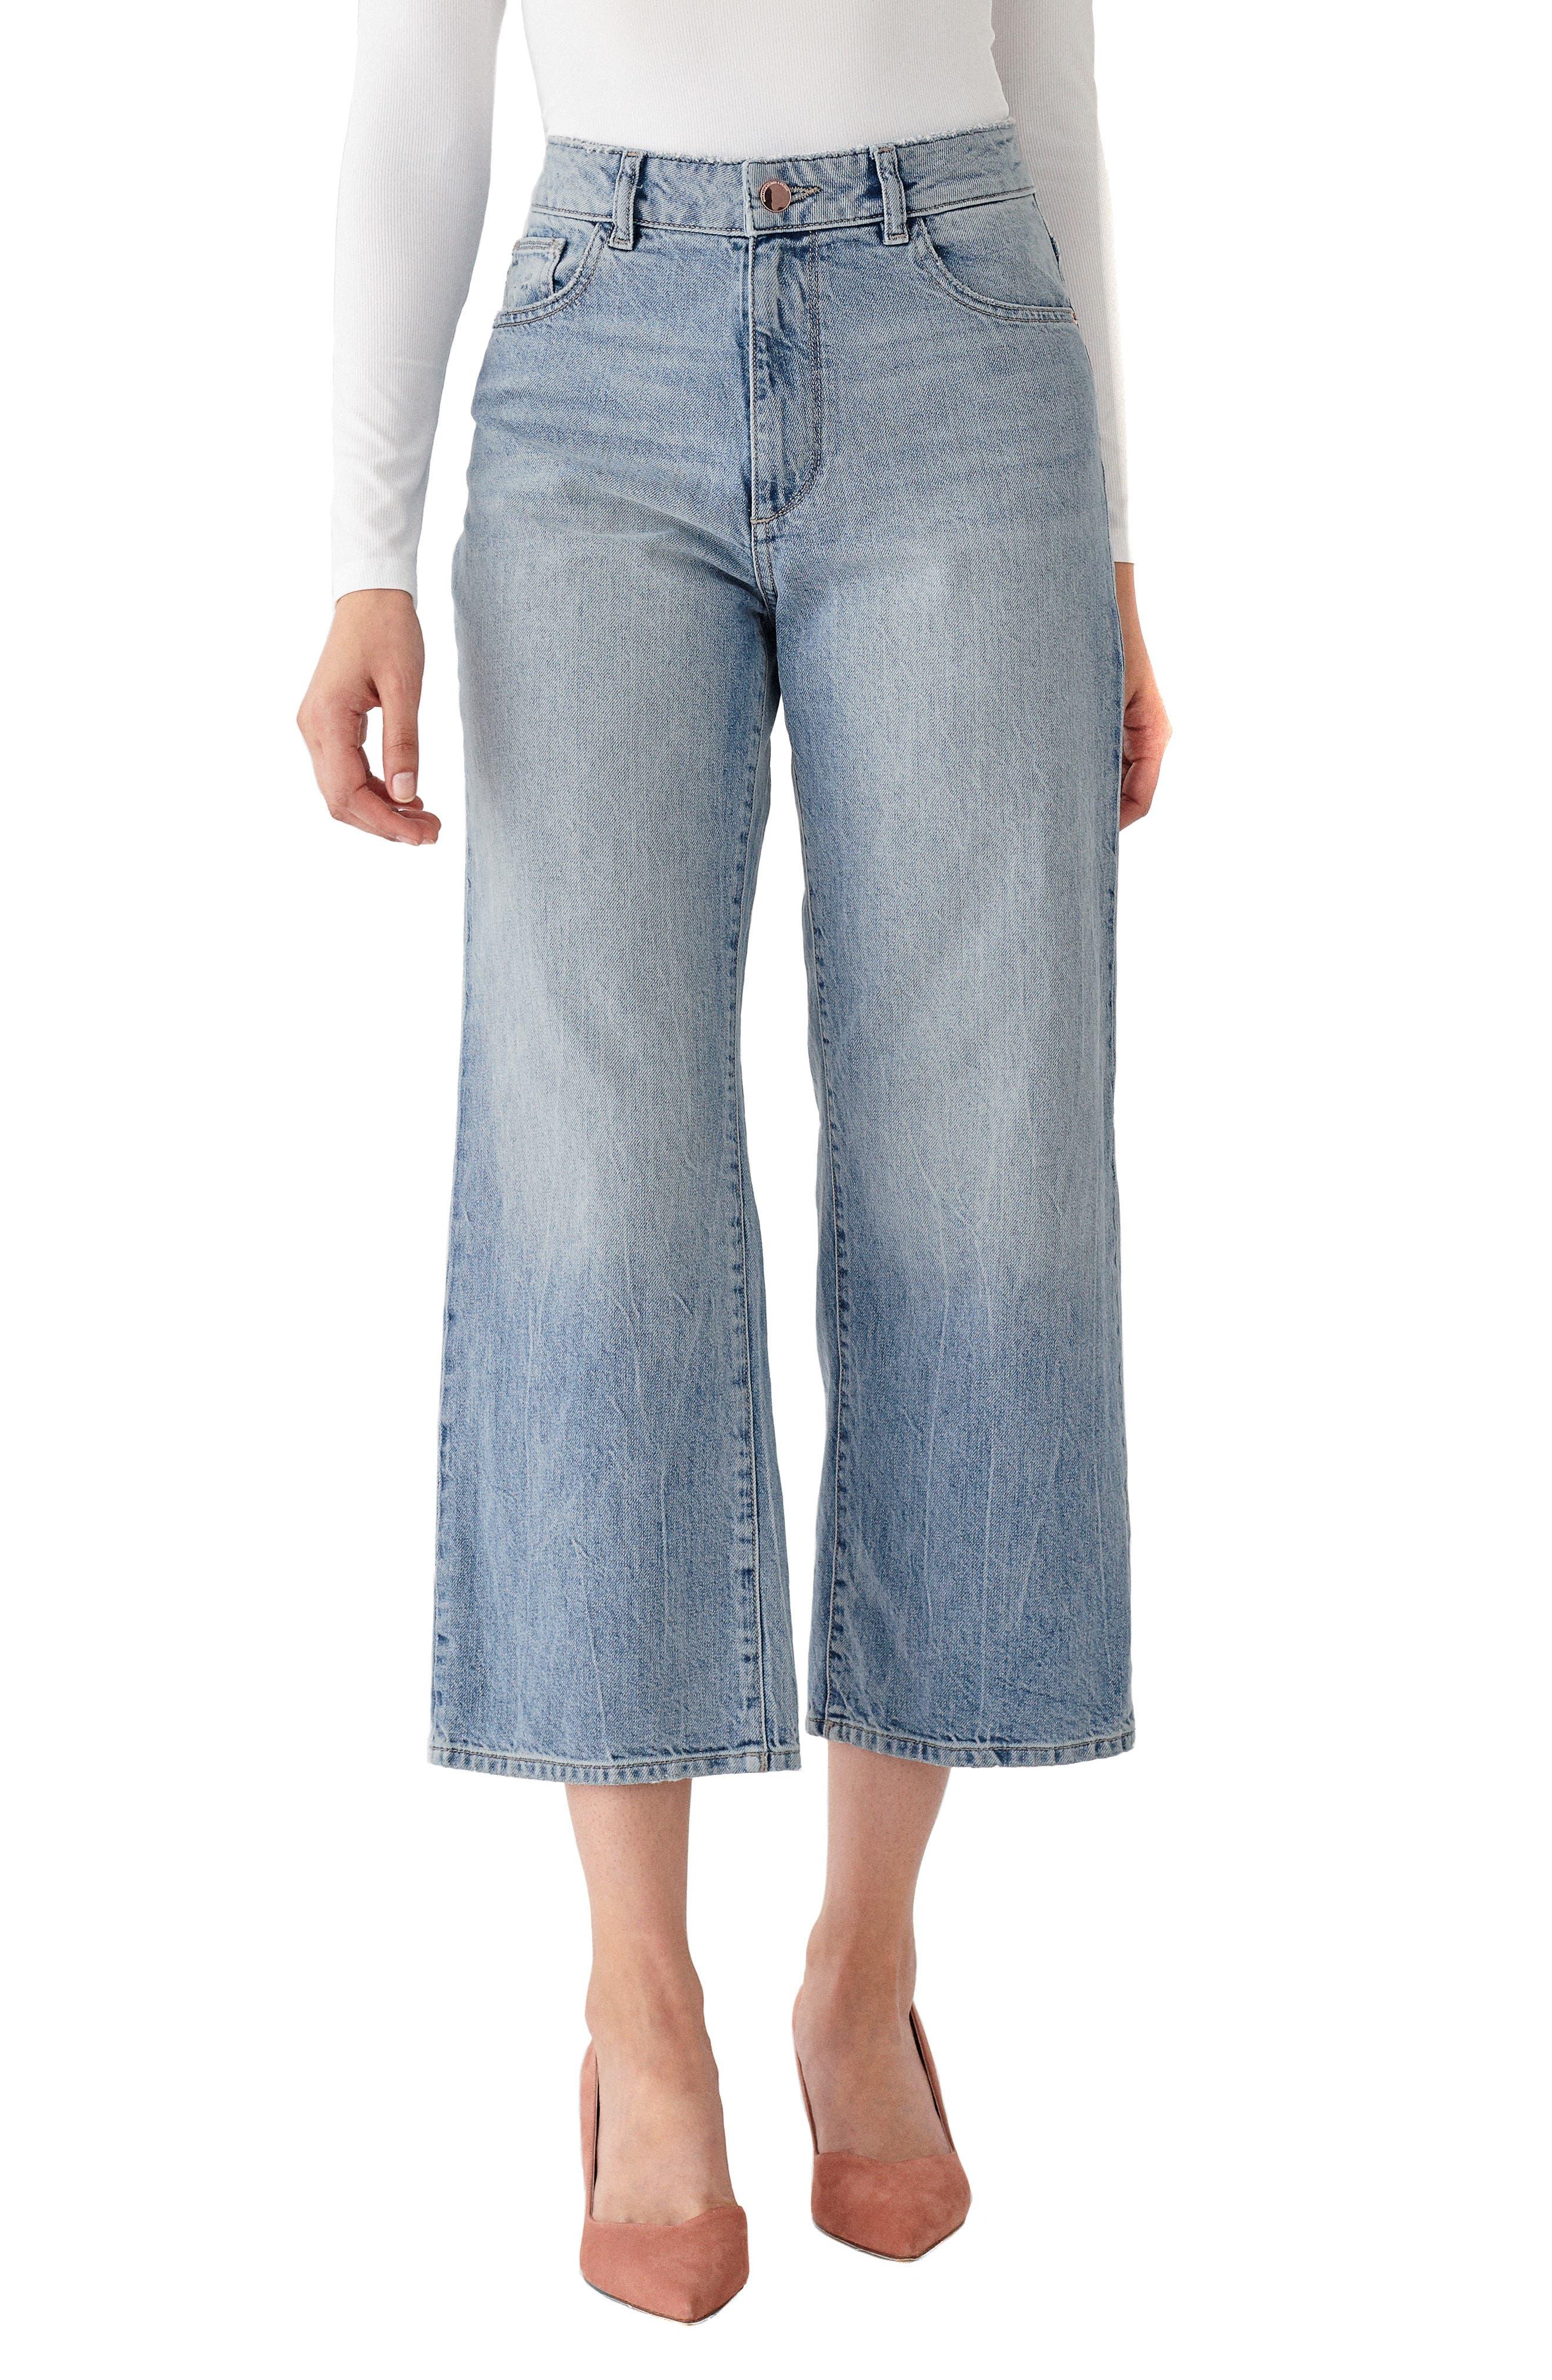 1961 X Marianna Hewitt Hepburn High Waist Crop Wide Leg Jeans